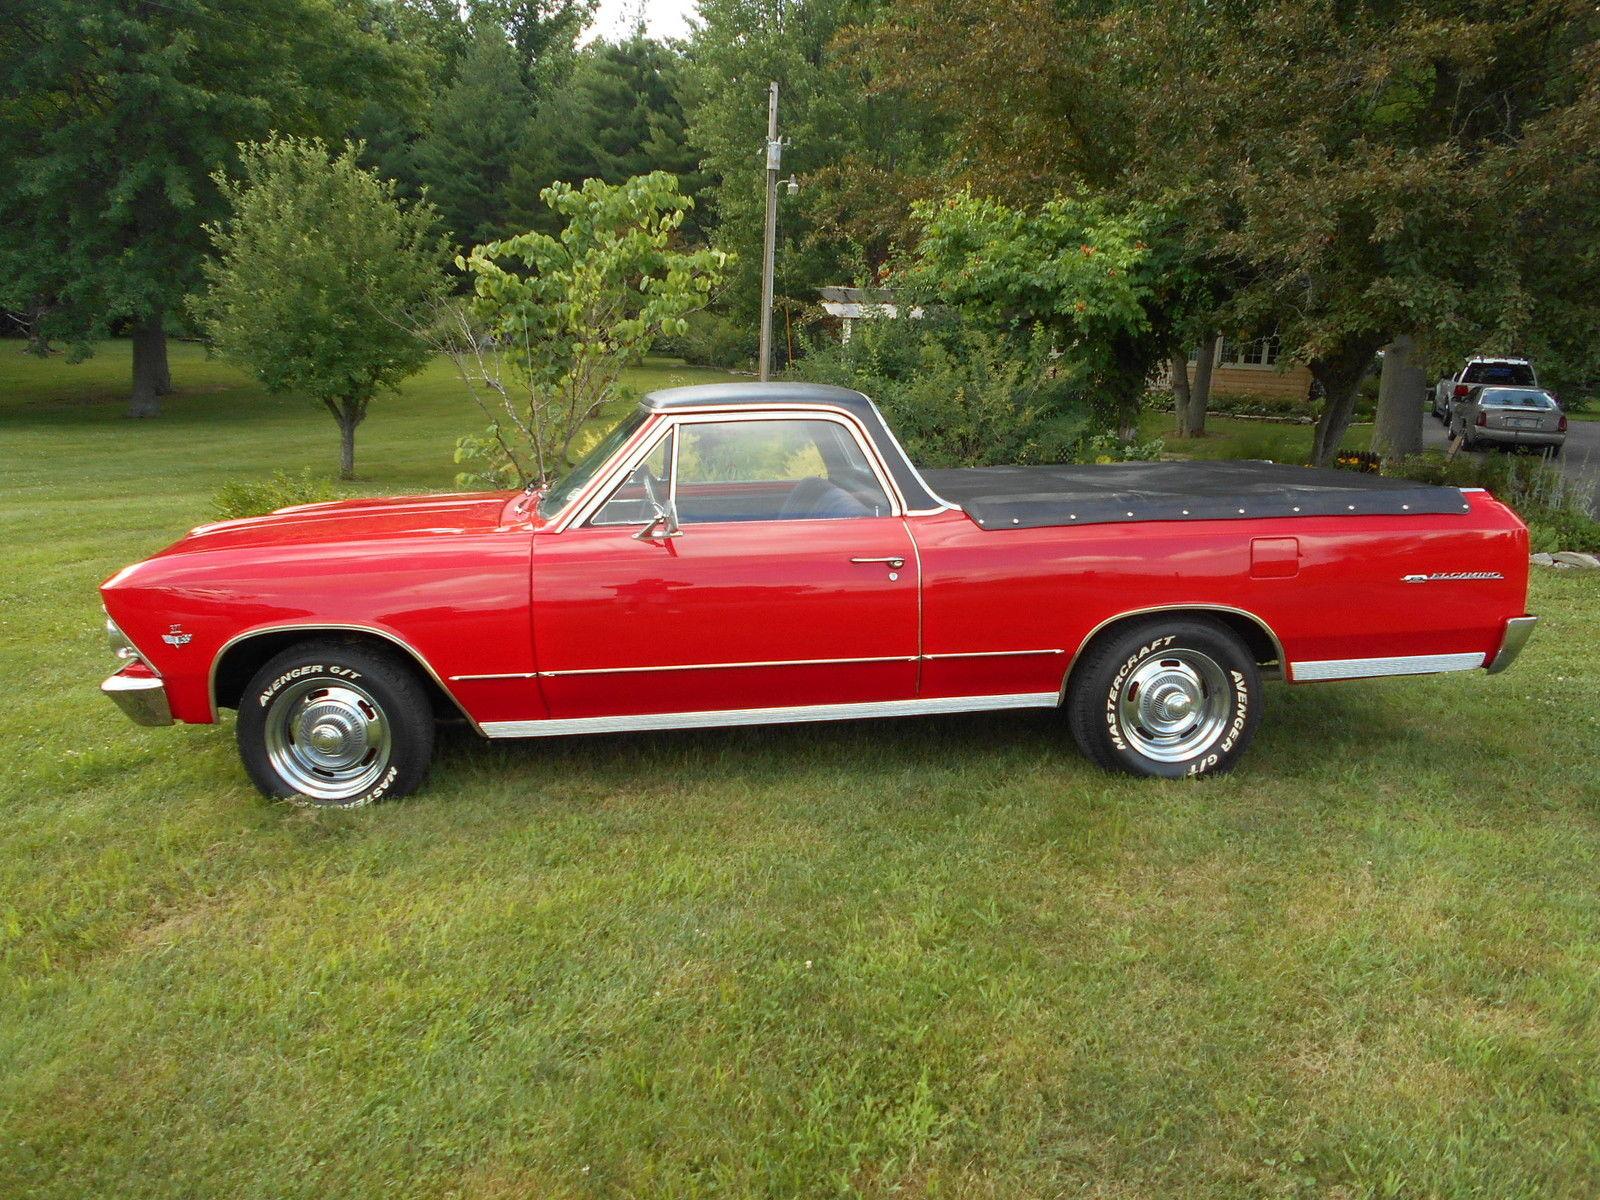 1966 Chevrolet El Camino 327 4 Speed Muscle Car Chevy Elcamino1454